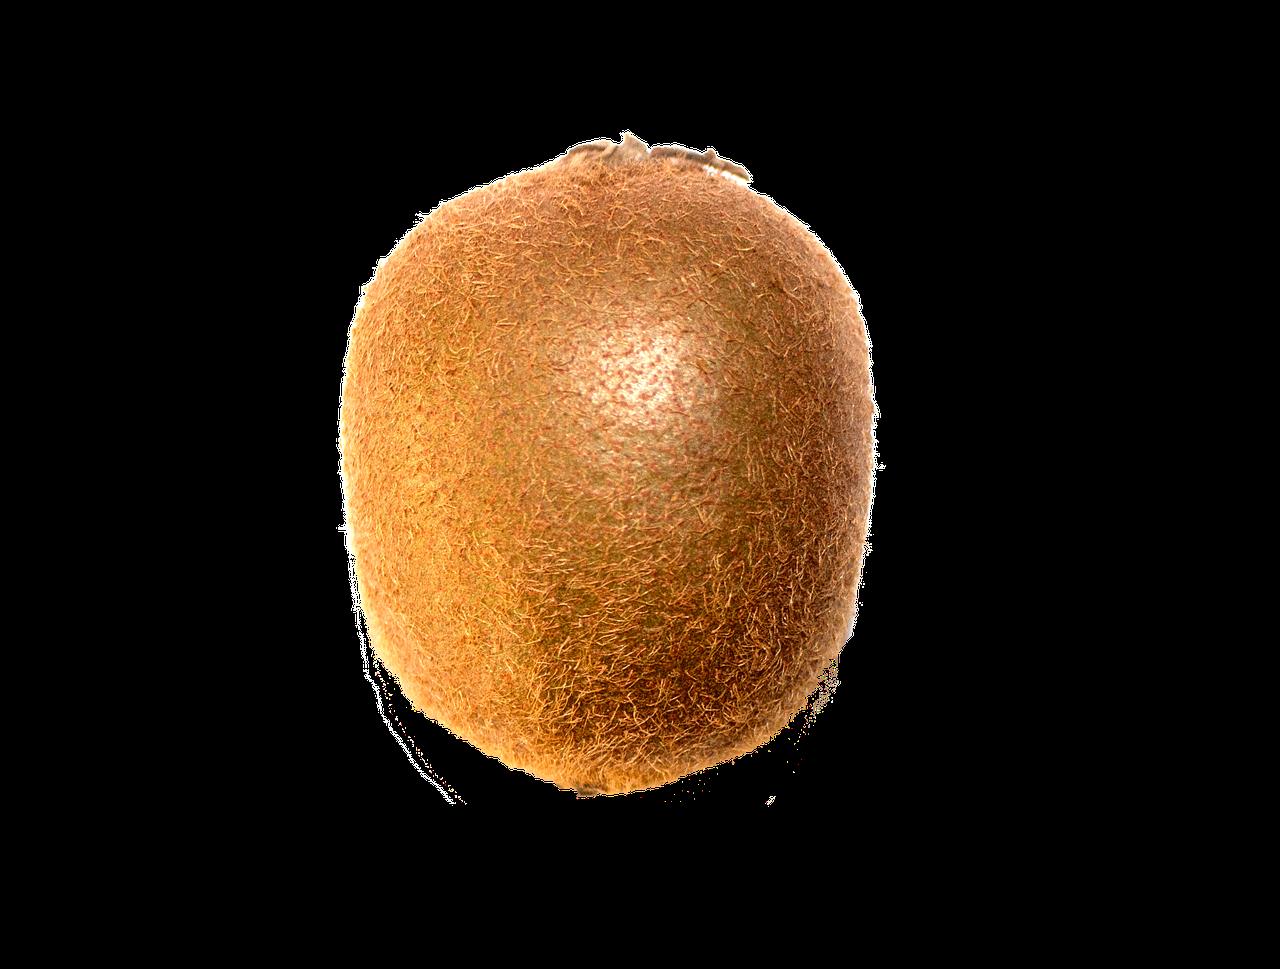 kiwi-1504984_1280